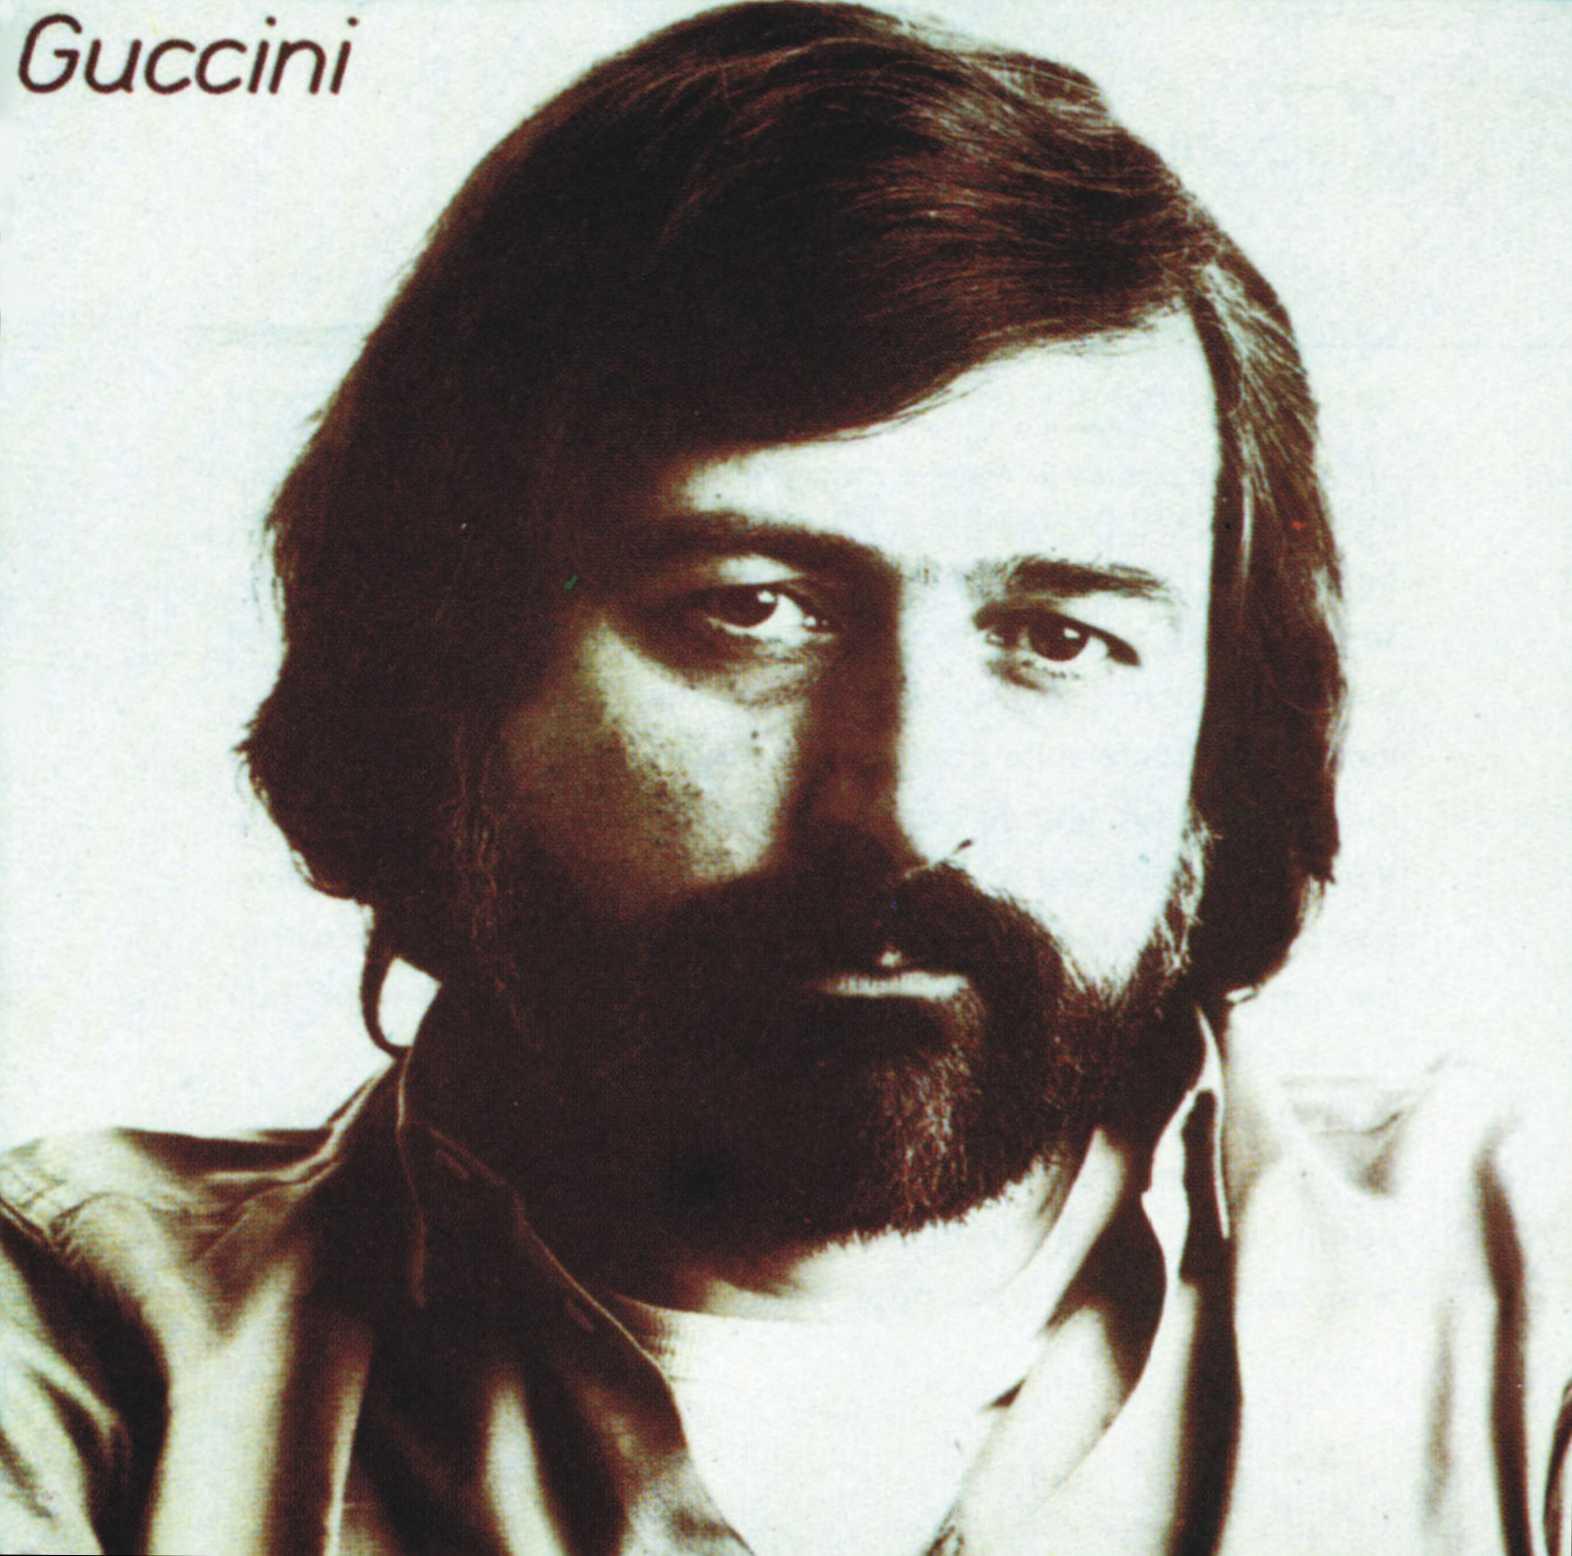 Guccini LP  Vinile Francesco Guccini 1983